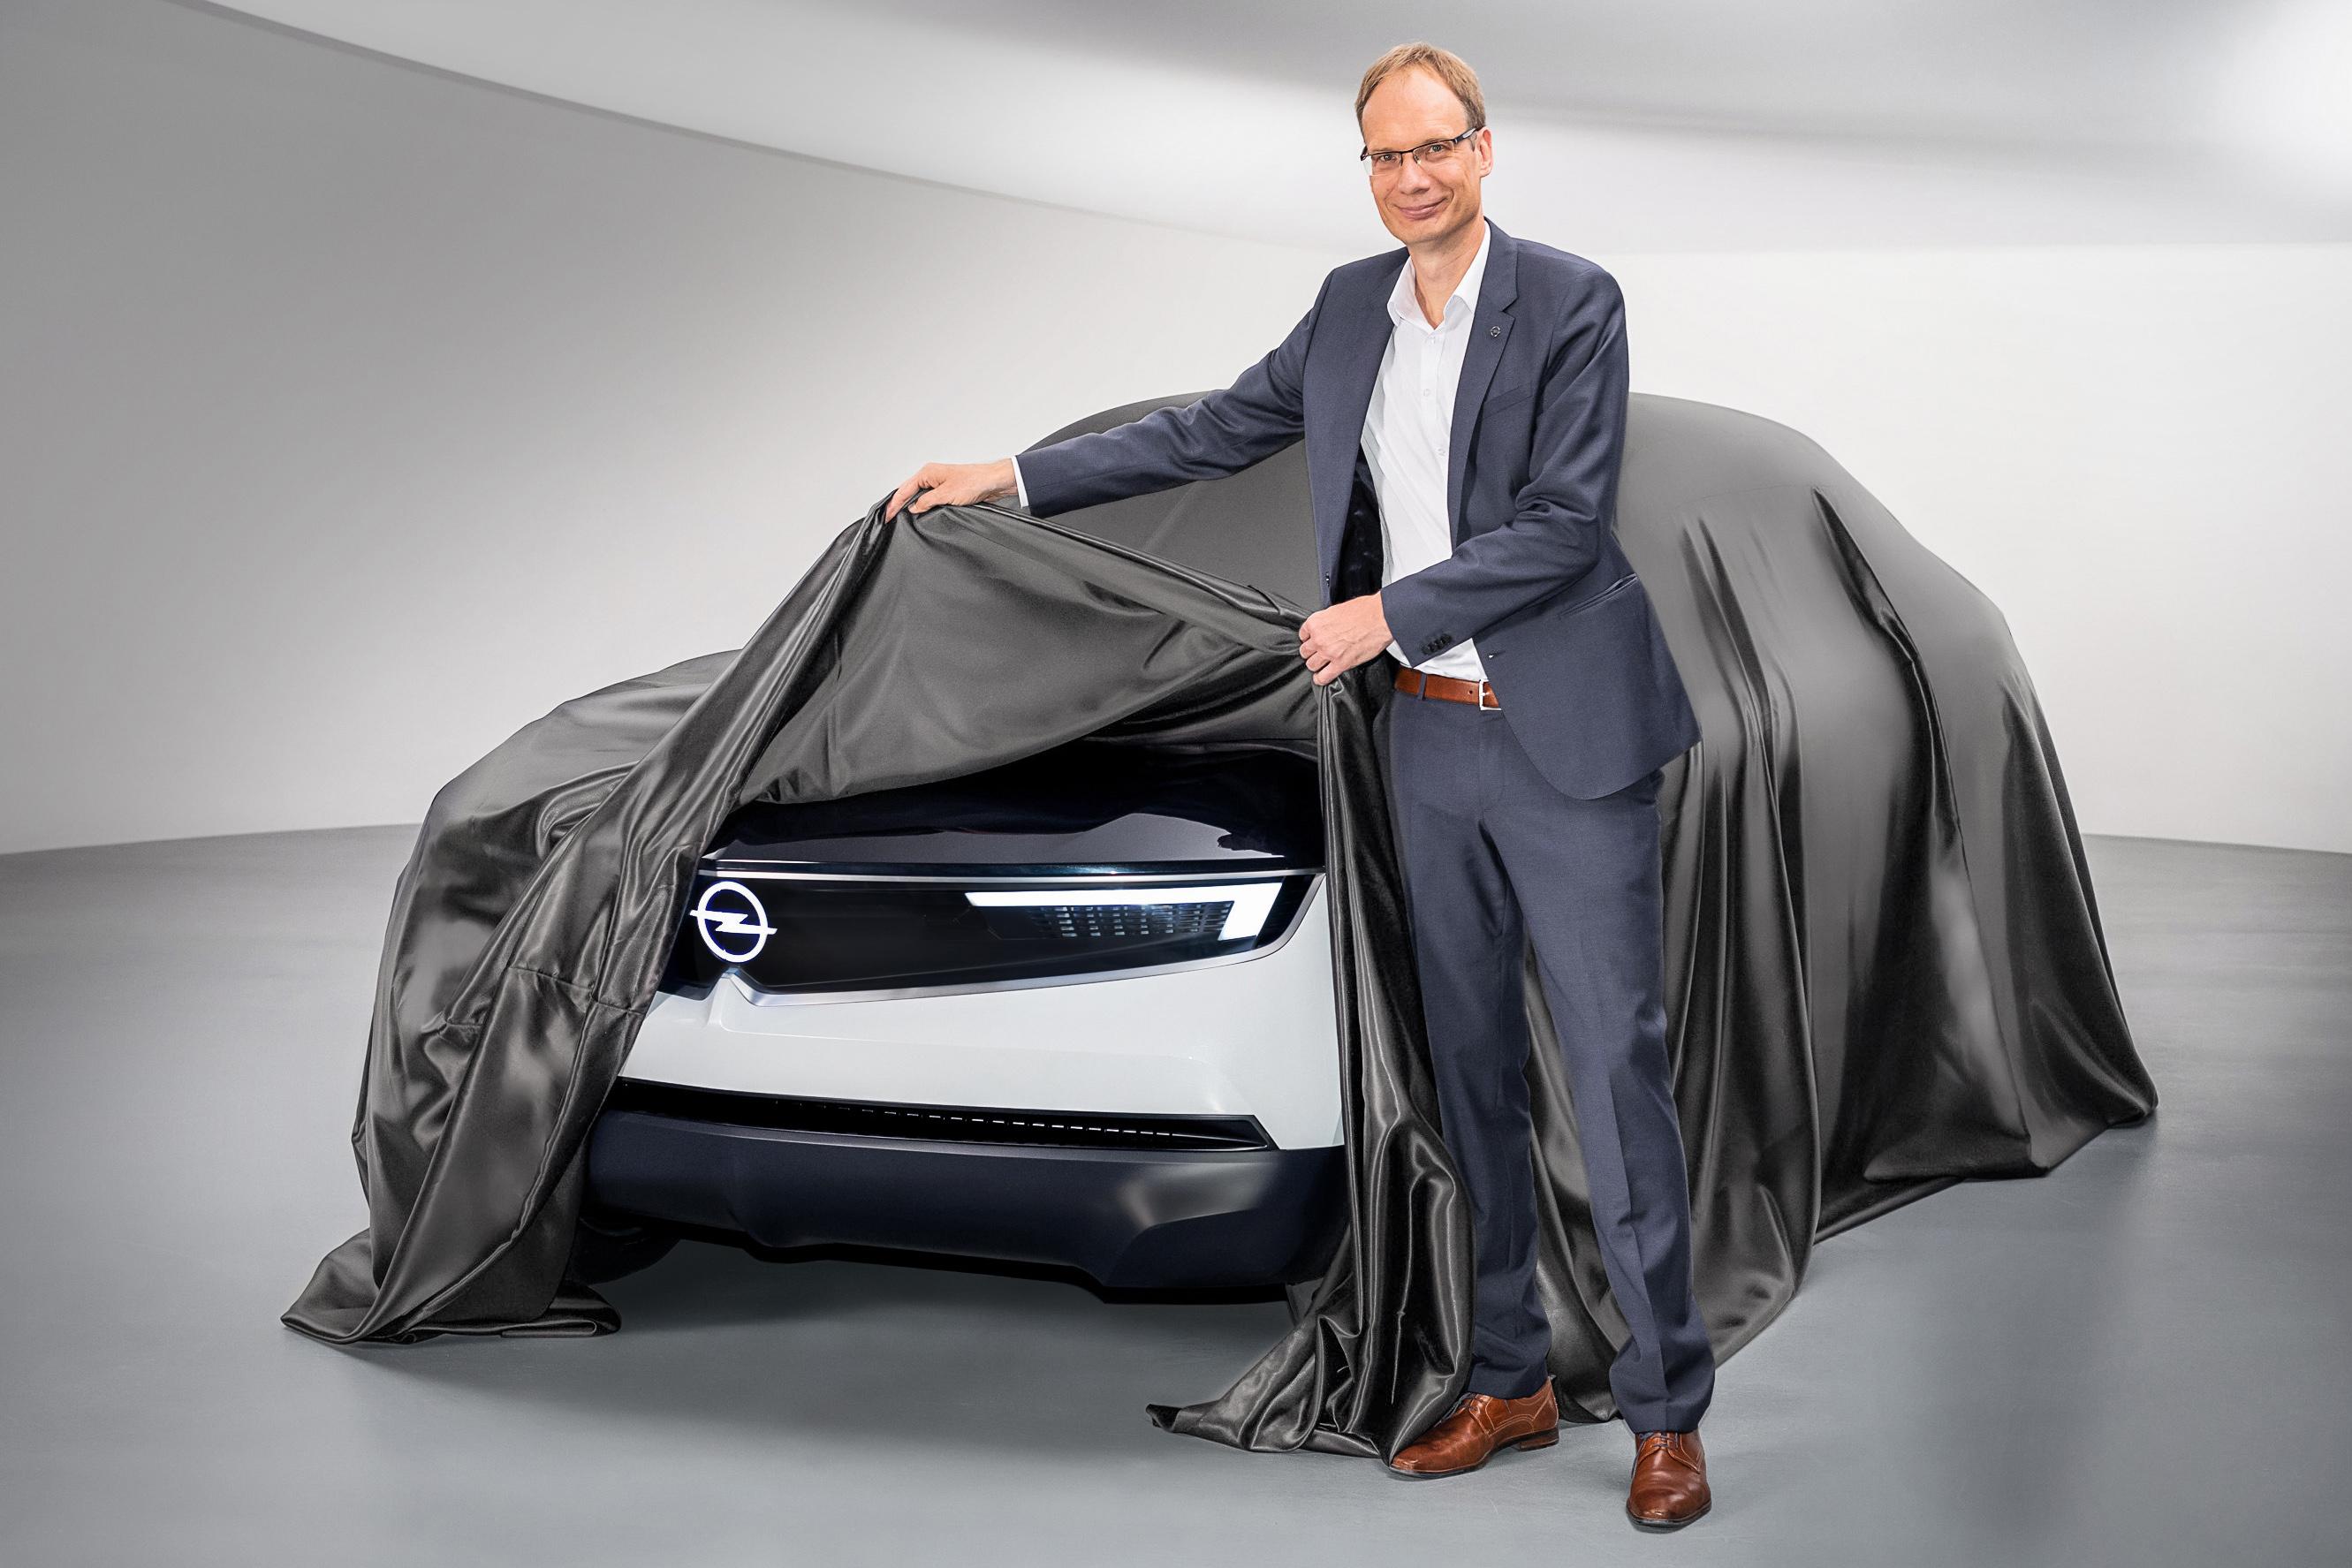 Шоукар GT X Experimental укажет путь развития будущих «Опелей»